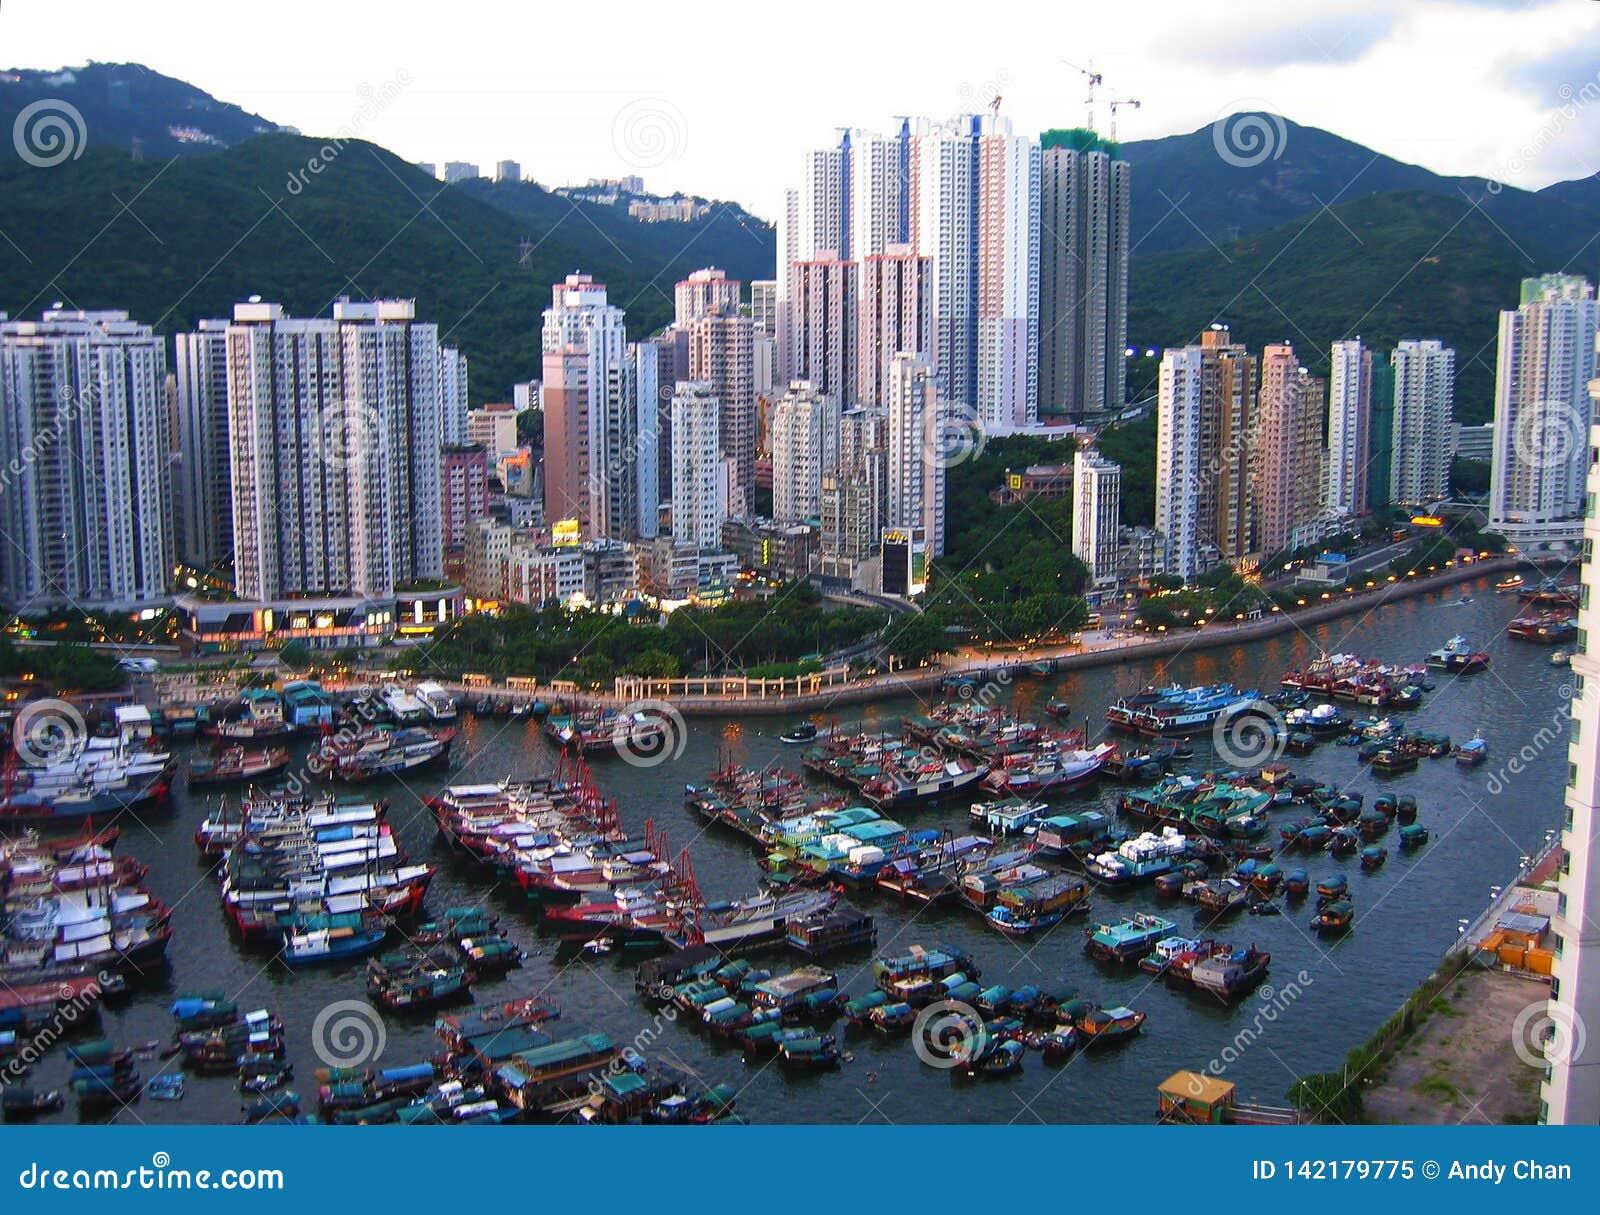 Skyview высотных зданий и небольших рыбацких лодок в Гонконге